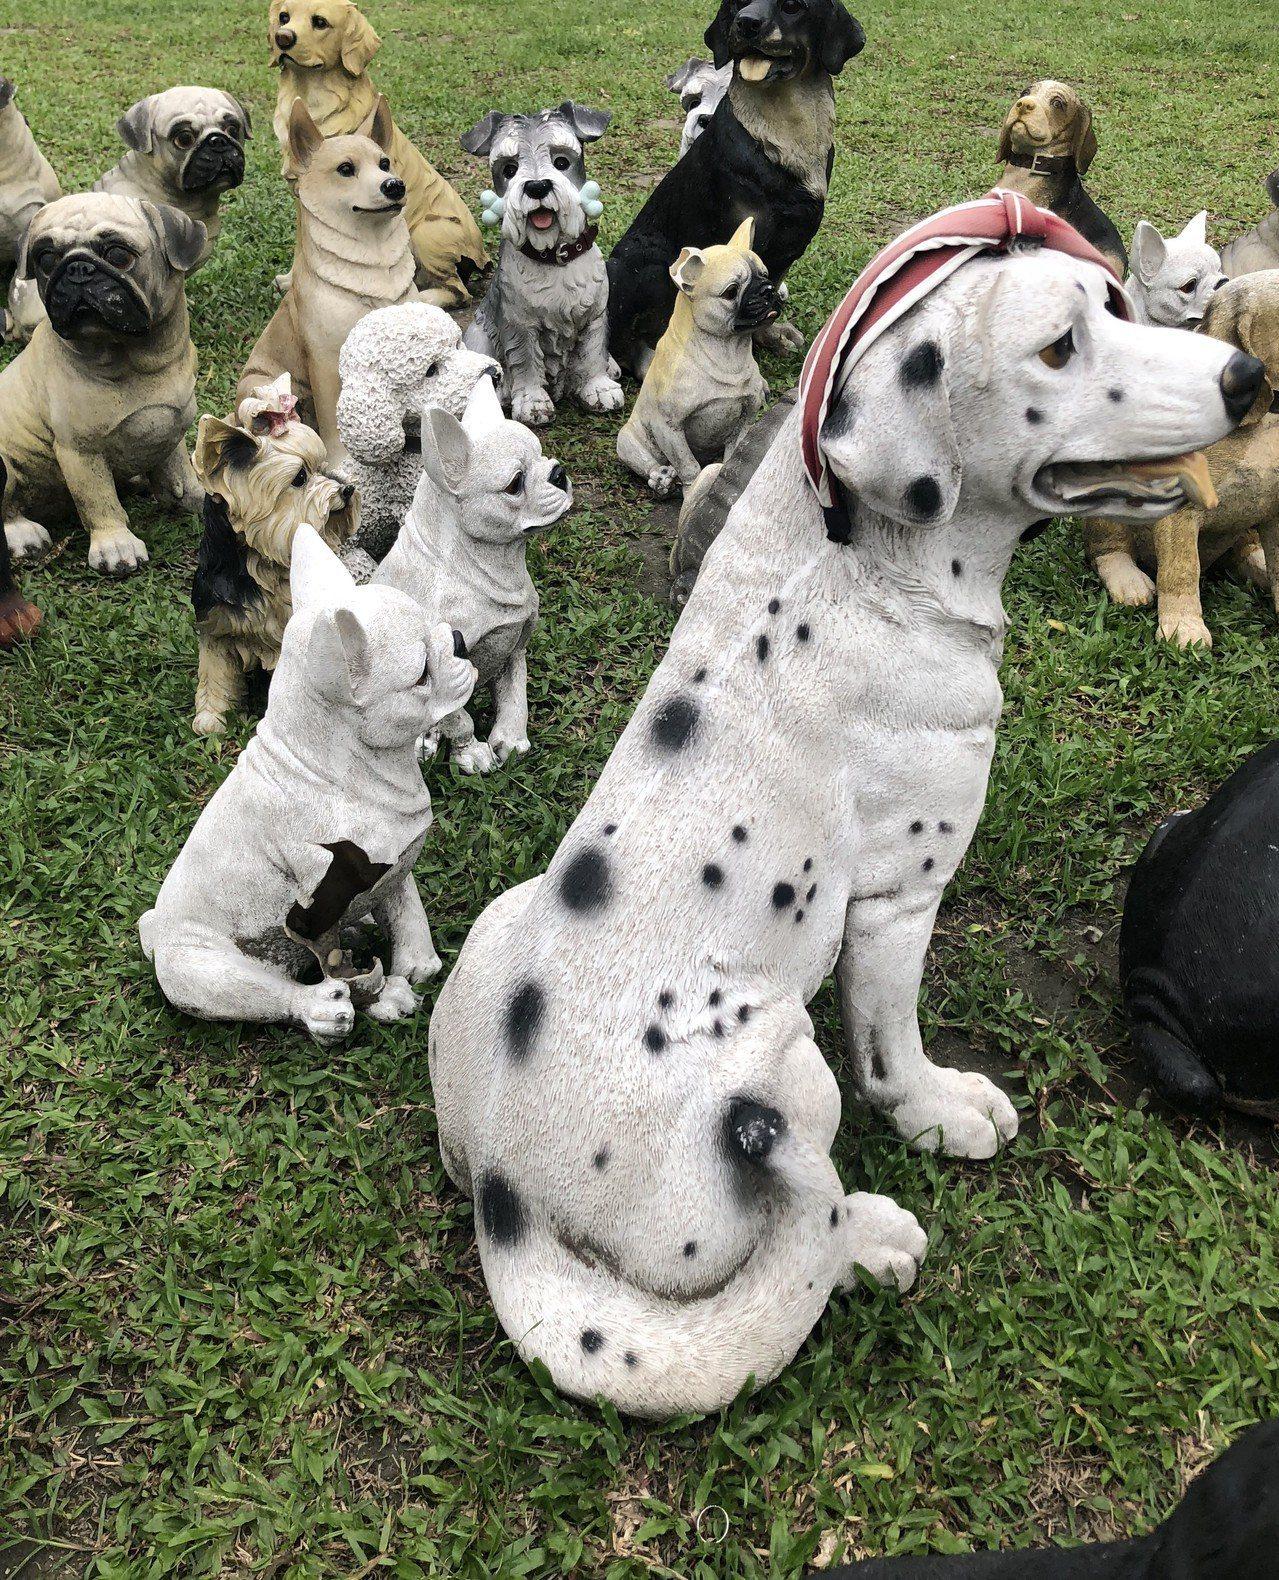 員林公園去年有狗狗大軍進駐,少數小狗裝飾已有破損。記者林敬家/攝影